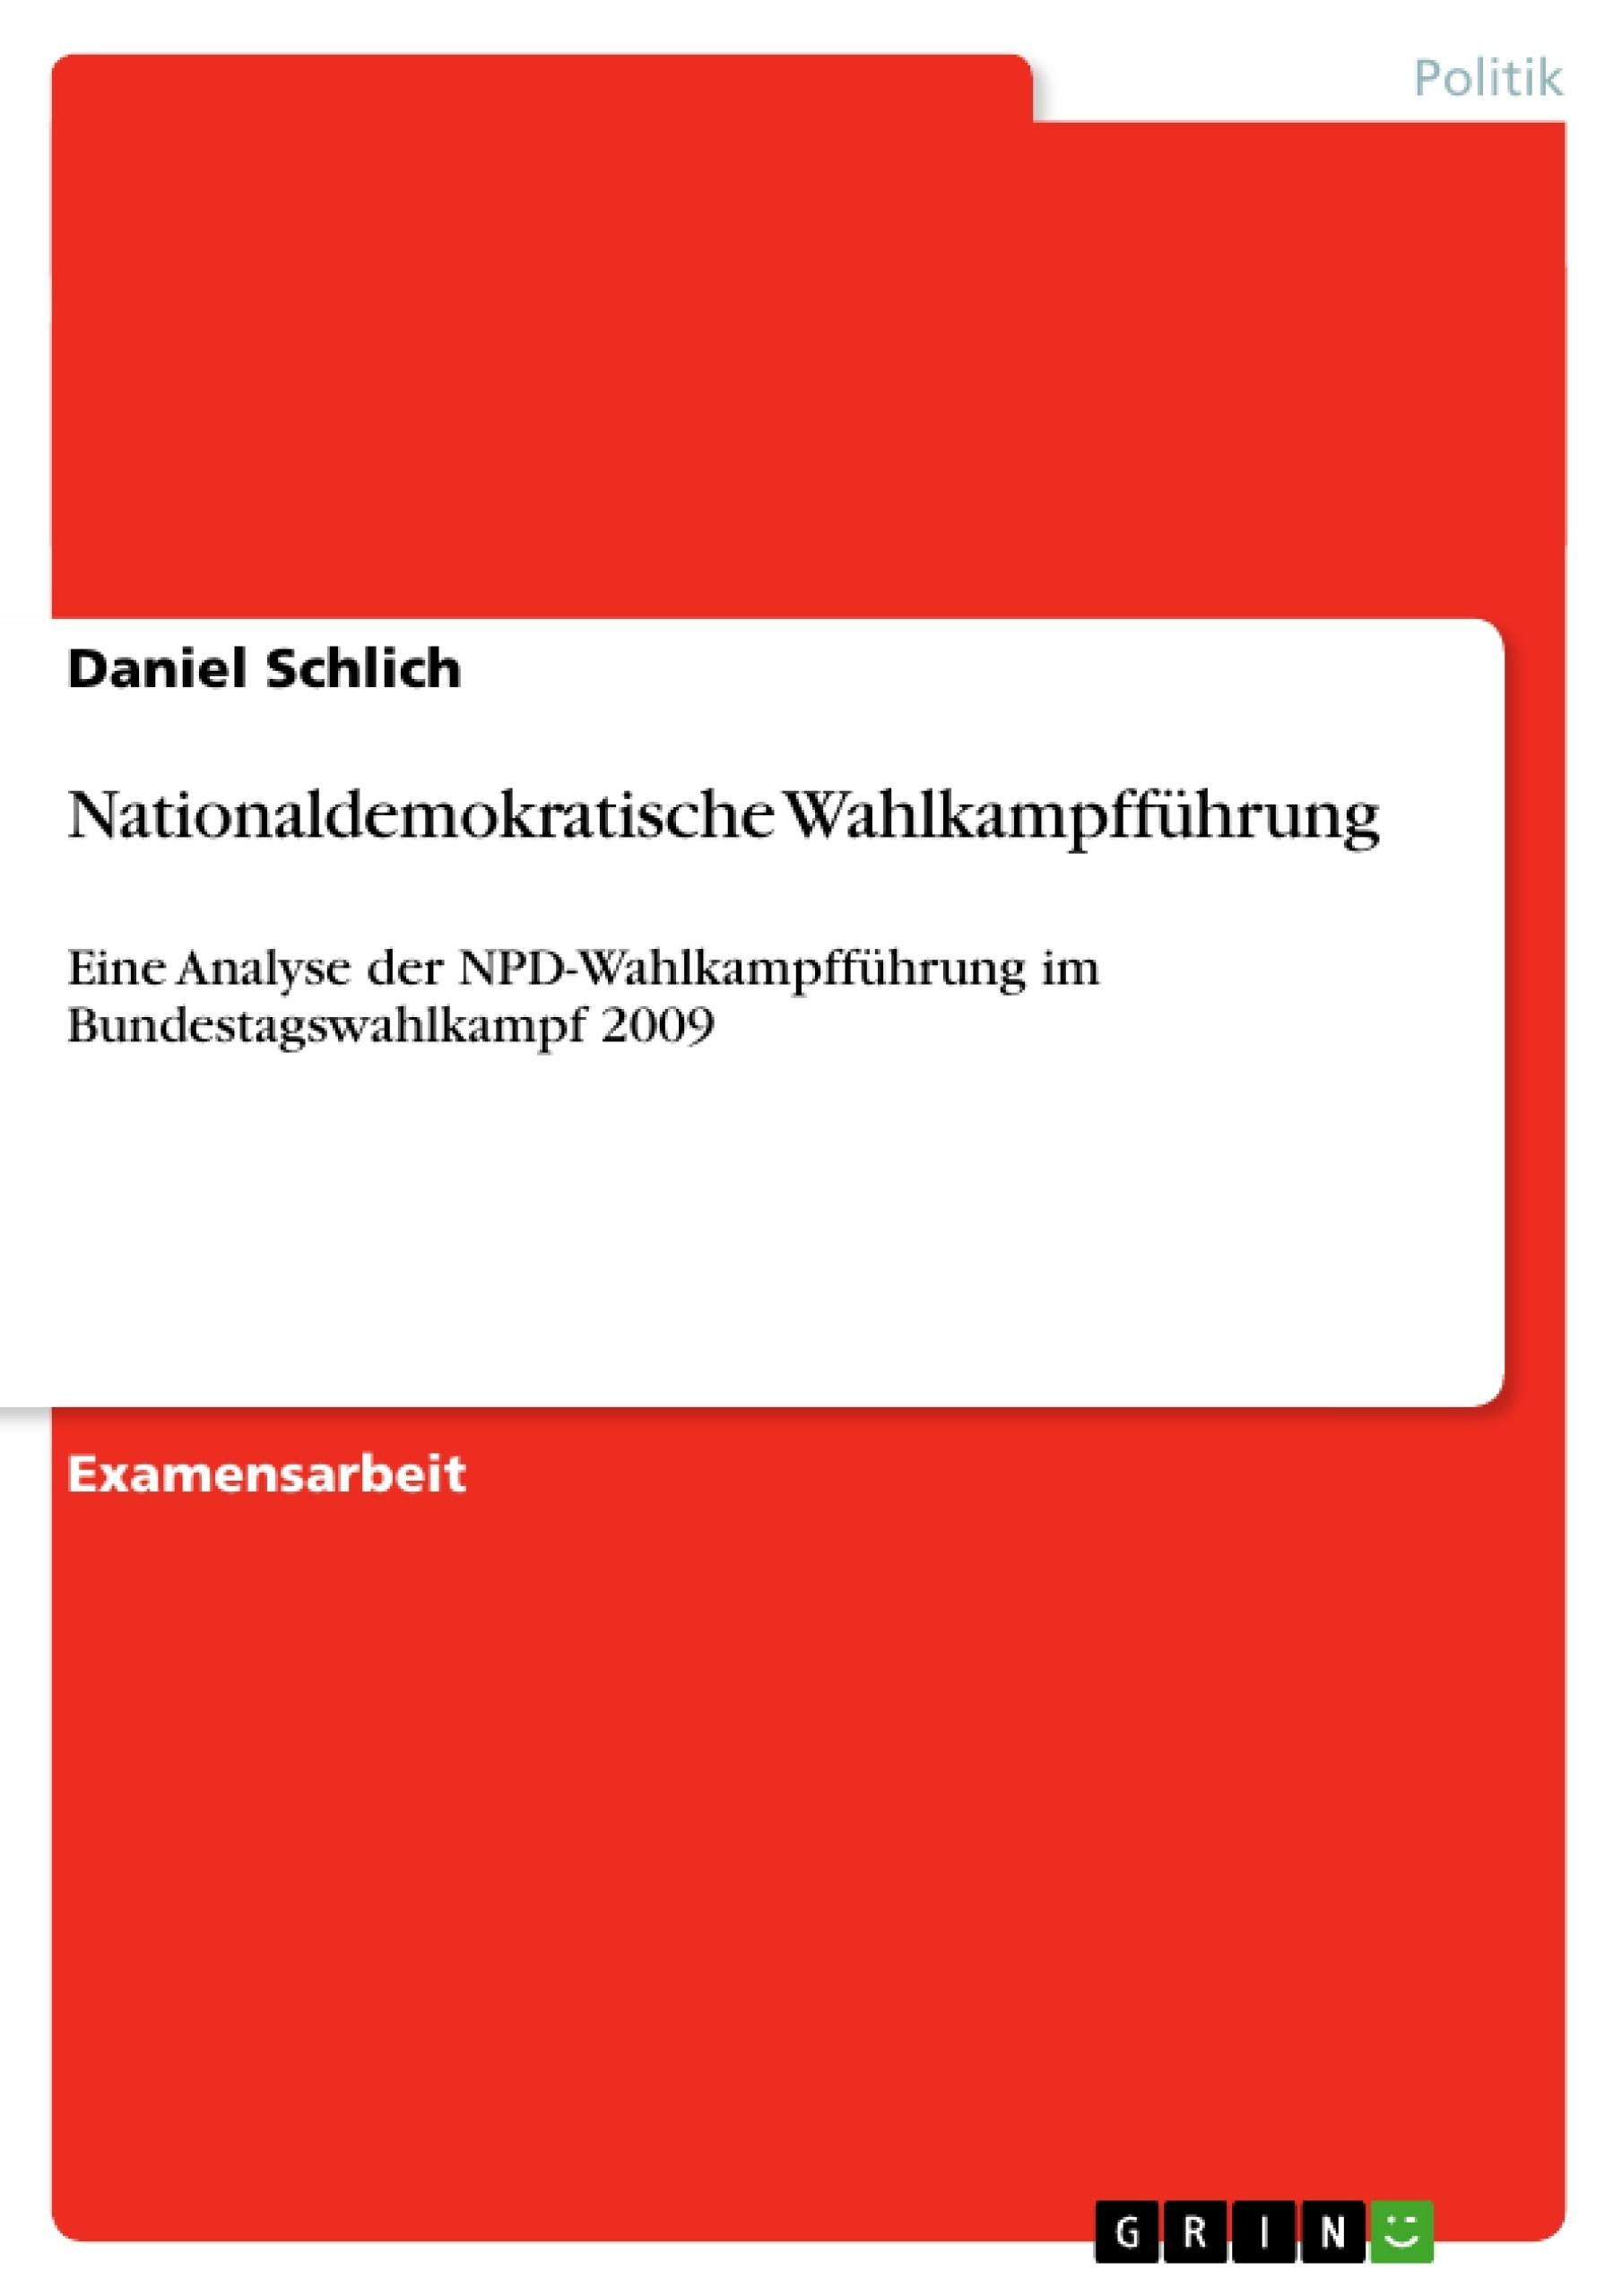 Titel: Nationaldemokratische Wahlkampfführung